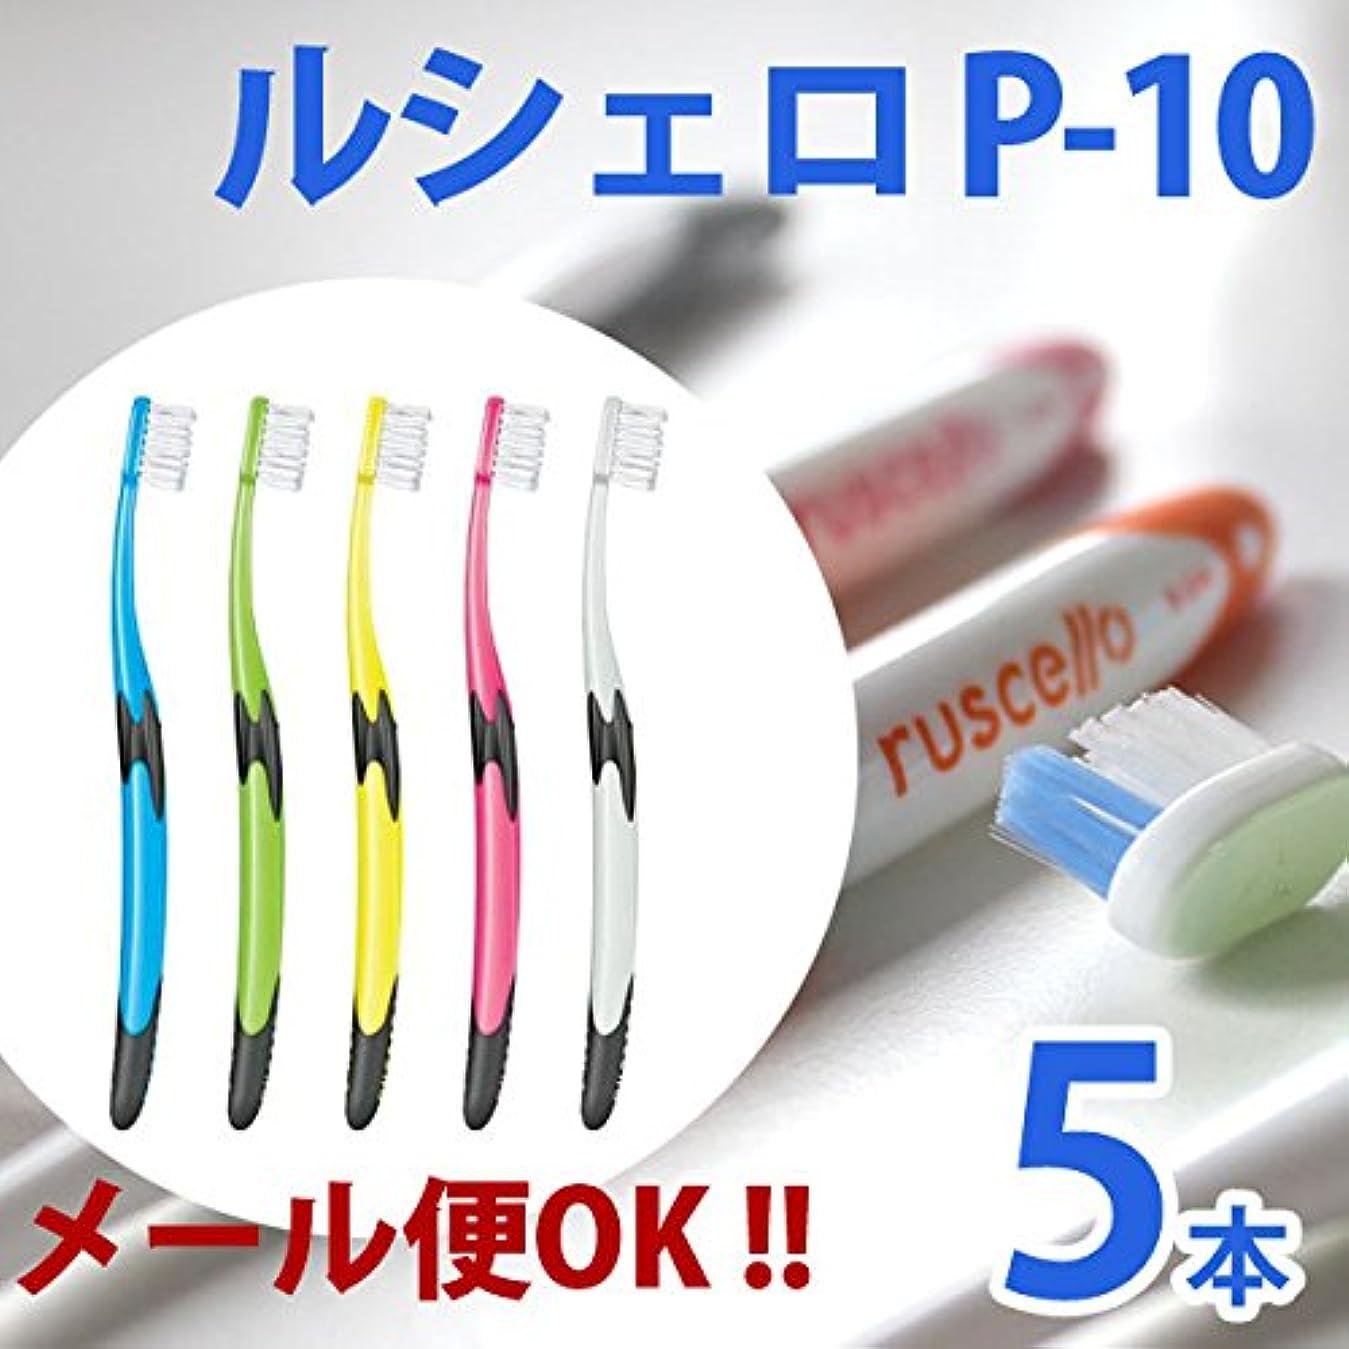 活性化する抜け目のない肉屋ルシェロ GCシェロ 歯ブラシP-10 5色アソート 5本セット 歯周疾患の方向け。極細のテーパー毛が Sやわらかめ